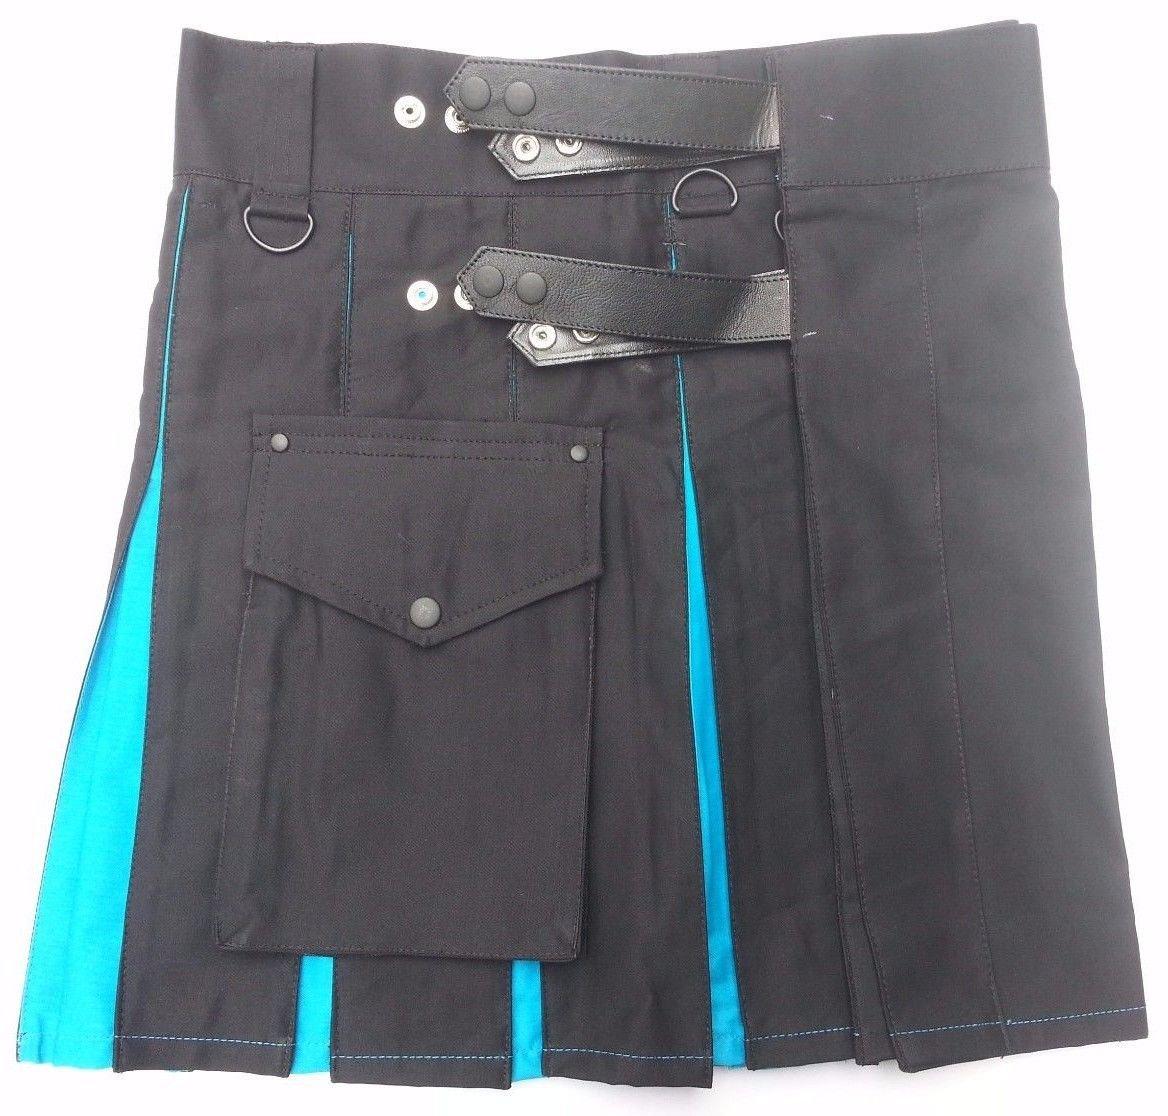 """40"""" Ladies TDK Black & Blue Cotton Hybrid Kilt, Leather Straps Tactical Duty Kilt Black/Blue Cotton"""